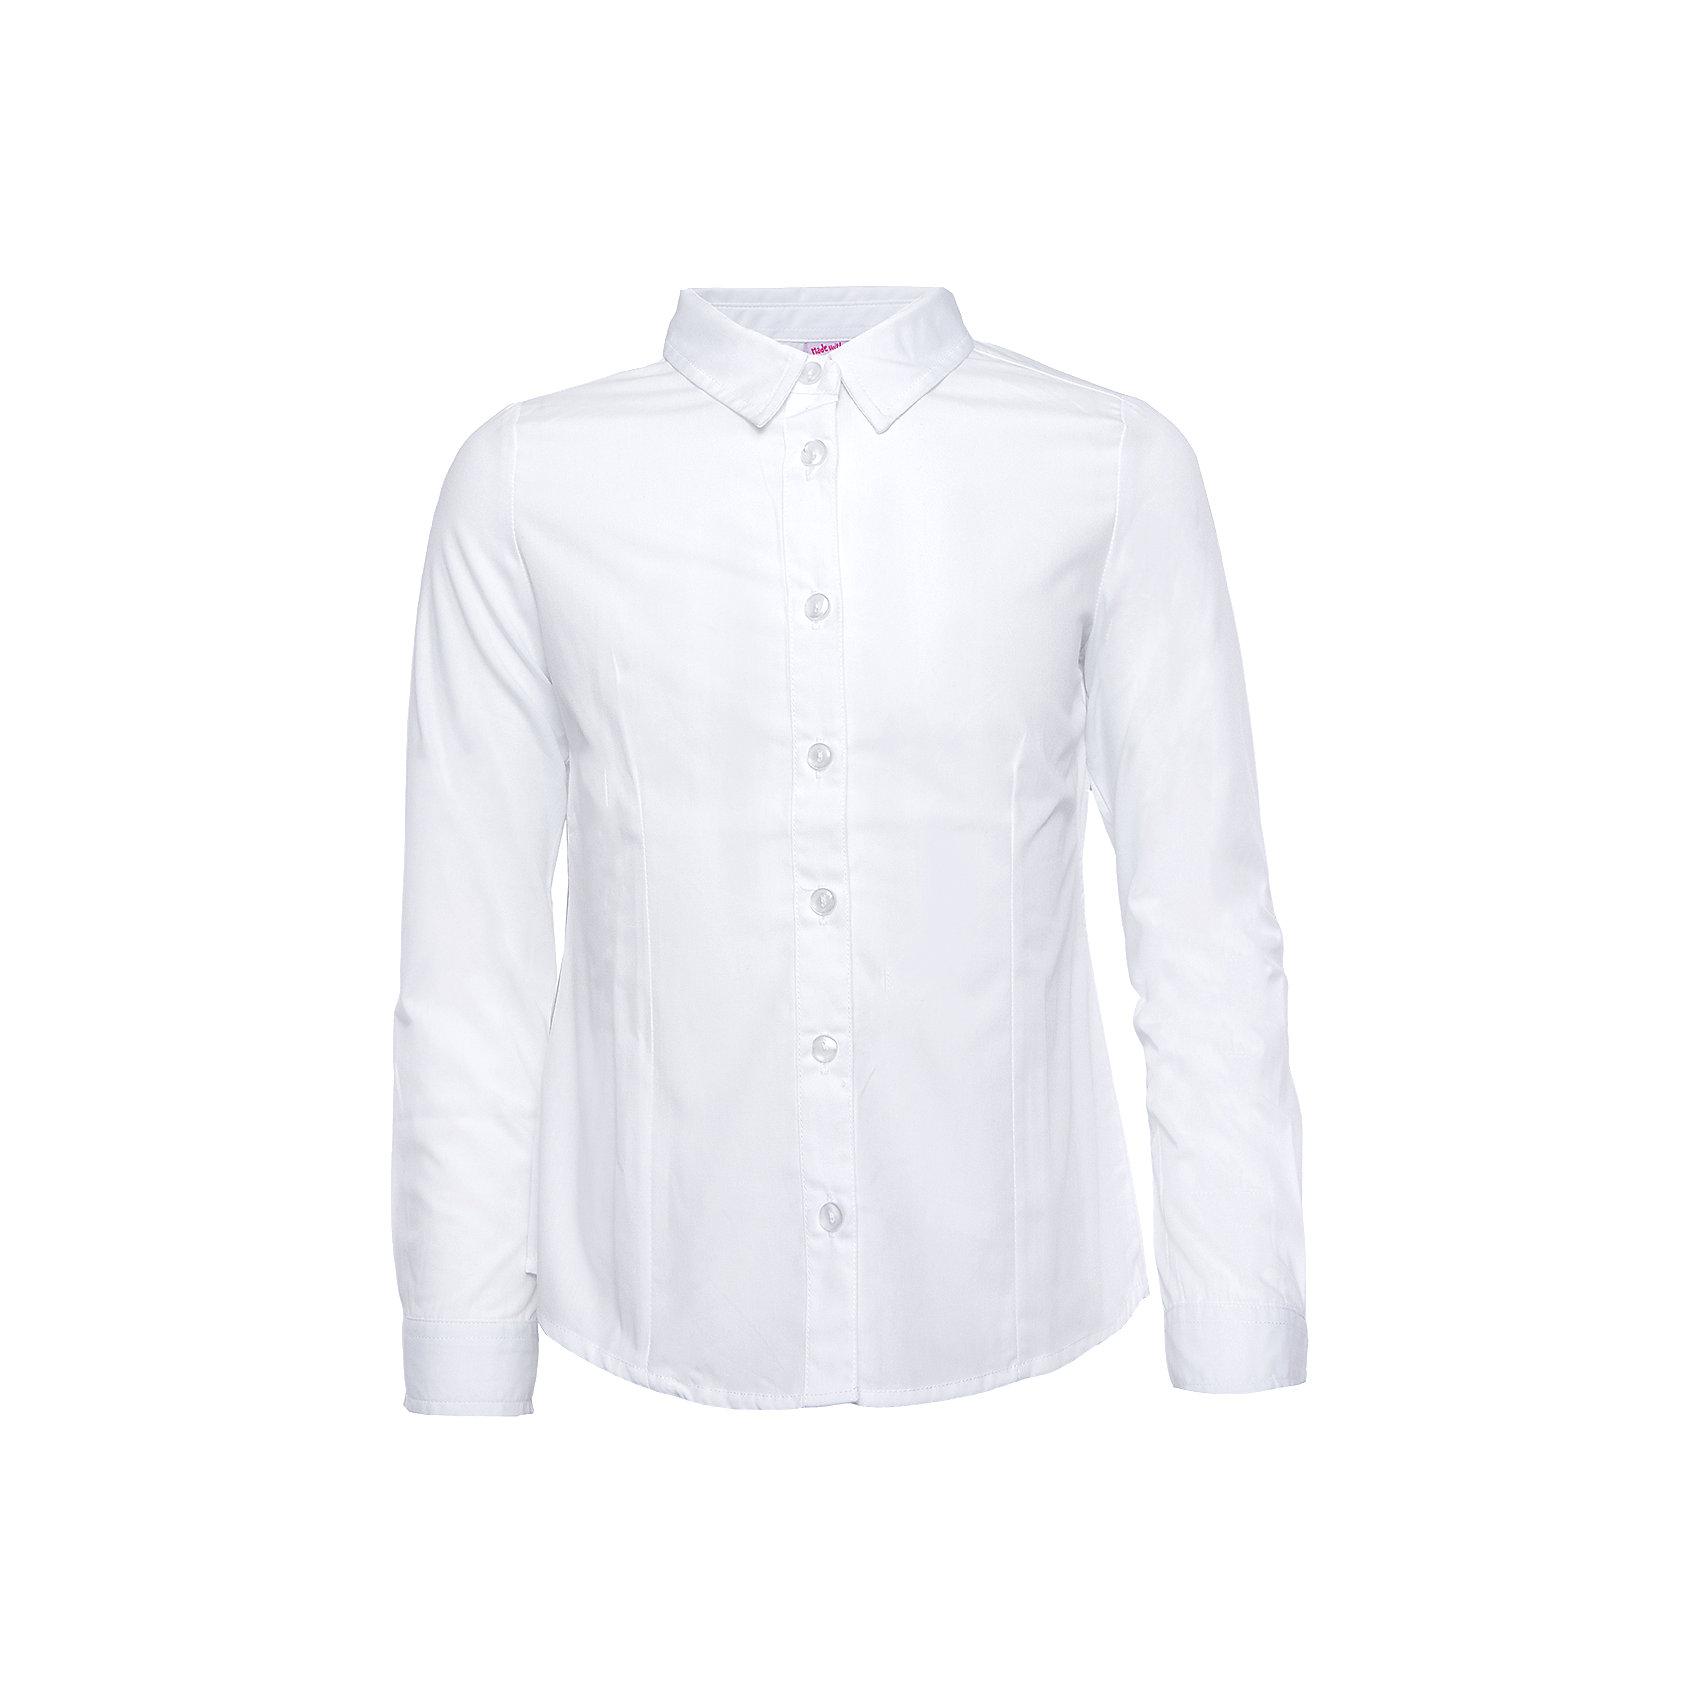 Блузка для девочки SELAКрасивая блузка для девочки необходимый атрибут в гардеробе юной леди.<br><br>У блузки приталенный крой, поэтому она хорошо будет смотреться с юбками и брюками, так же ее можно одеть под аккуратный школьный сарафан.<br><br>Дополнительная информация:<br><br>- Приталенный крой.<br>- Длинный рукав, с манжетой.<br>- Цвет: белый.<br>- Состав: 50% хлопок, 50% ПЭ.<br>- Бренд: SELA<br>- Коллекция: осень-зима 2016-2017<br><br>Купить блузку для девочки от SELA можно в нашем магазине.<br><br>Ширина мм: 186<br>Глубина мм: 87<br>Высота мм: 198<br>Вес г: 197<br>Цвет: белый<br>Возраст от месяцев: 72<br>Возраст до месяцев: 84<br>Пол: Женский<br>Возраст: Детский<br>Размер: 122,128,134,140,146,152,116<br>SKU: 4883428